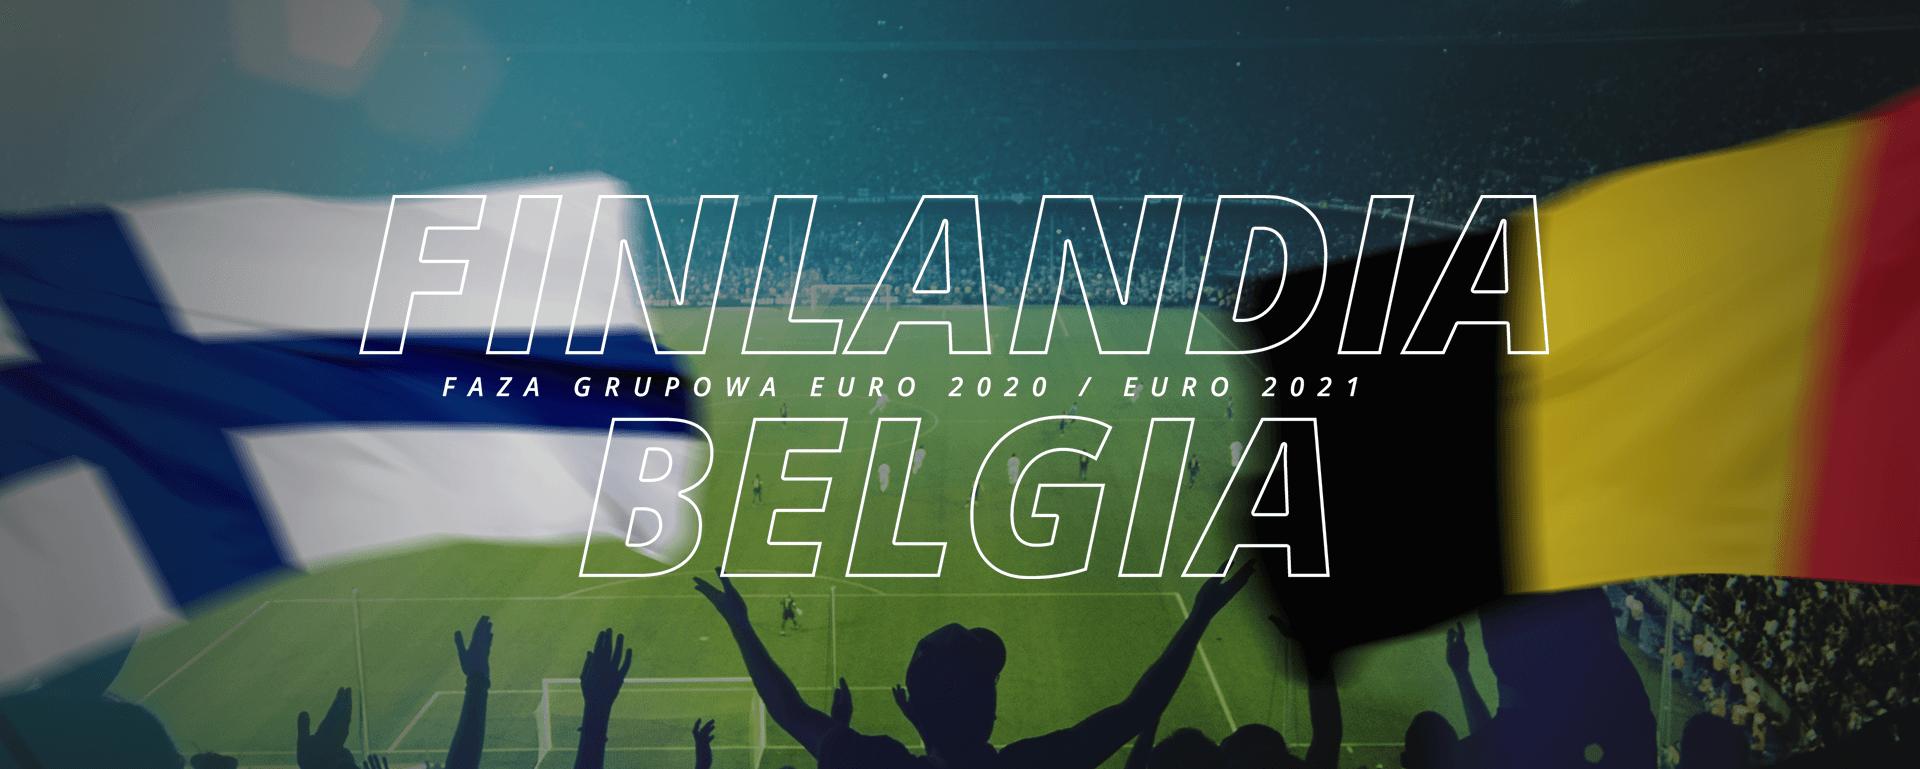 Finlandia – Belgia | faza grupowa Euro 2020 / Euro 2021